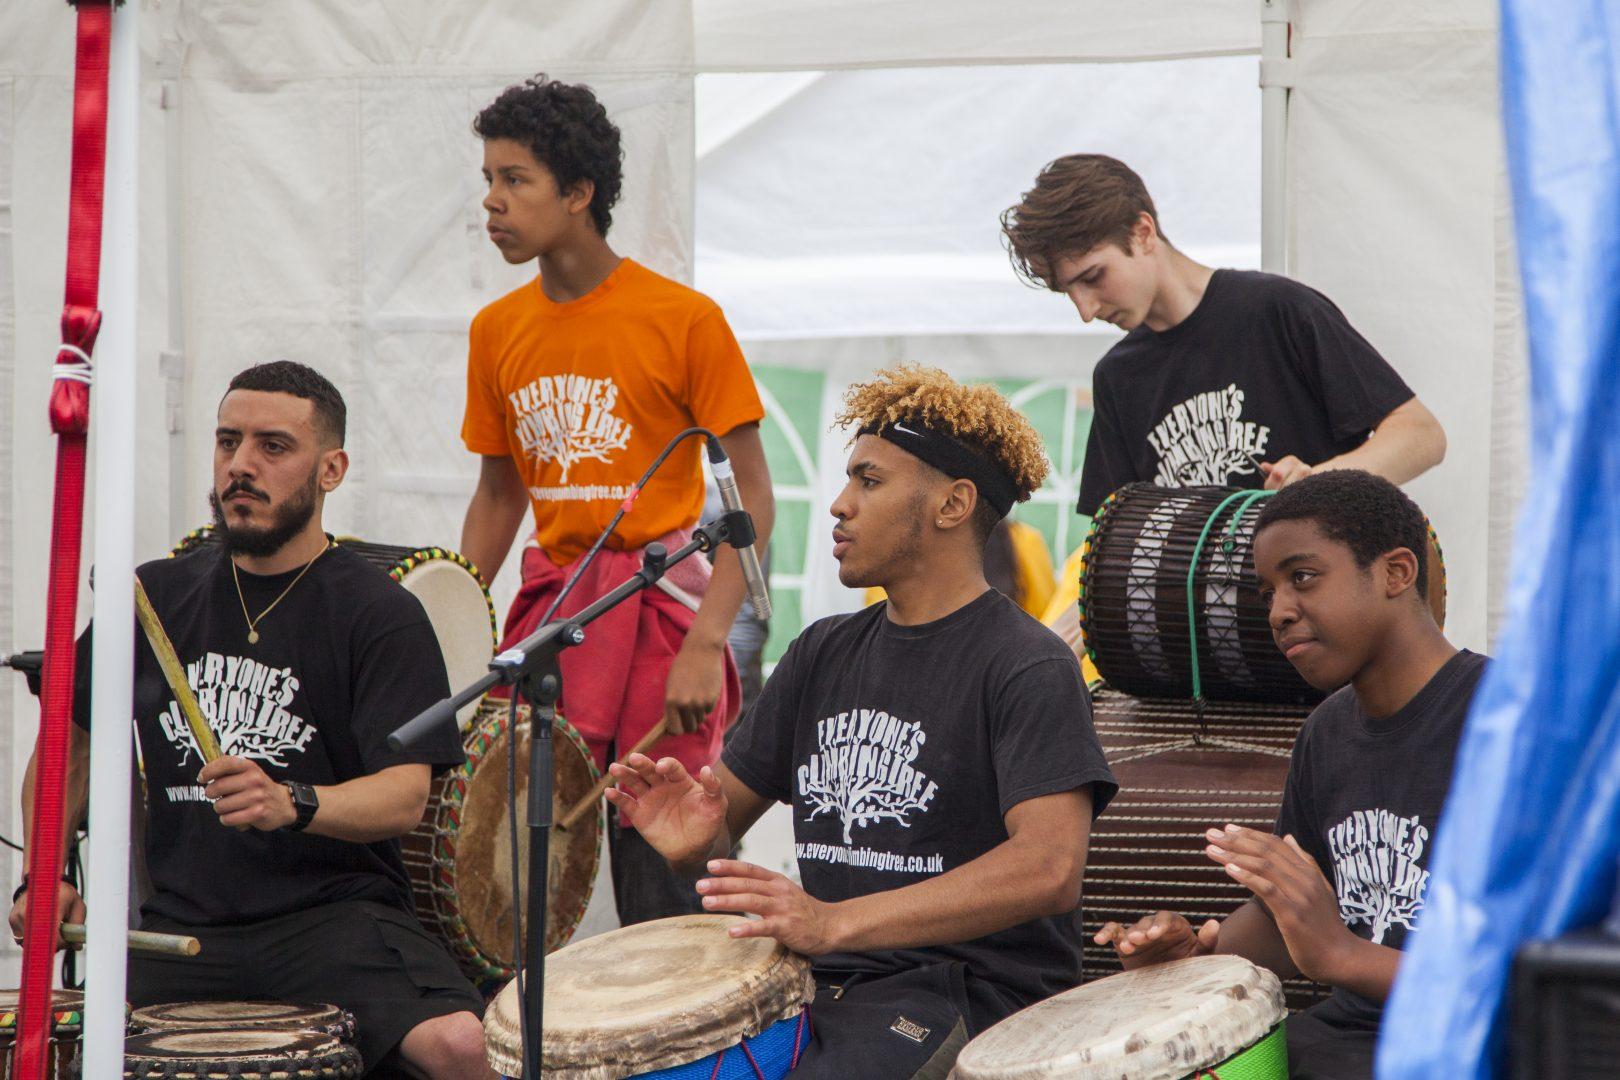 Gidde Bille drummers